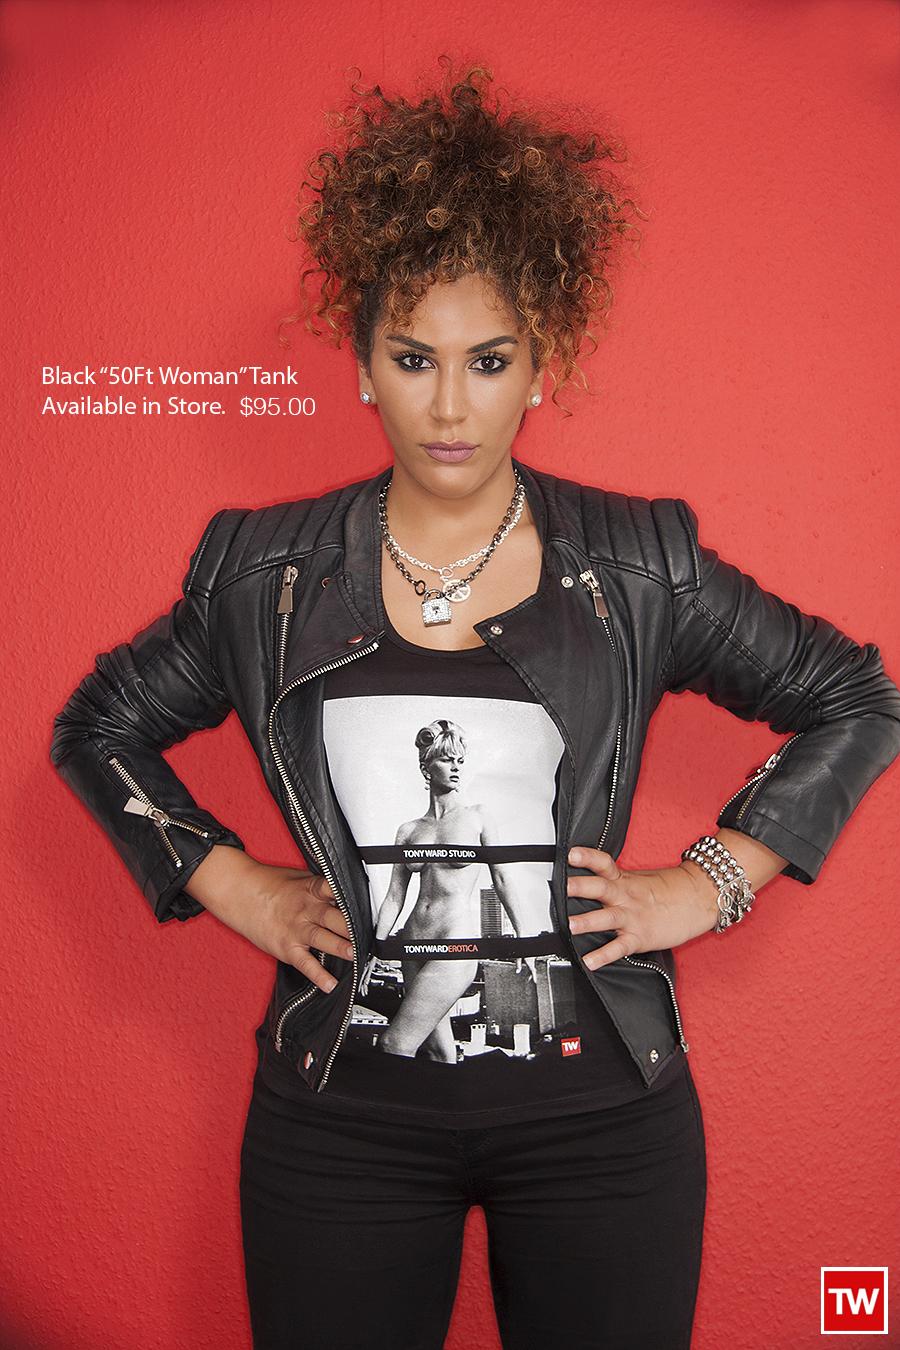 Tony_Ward_erotica_black_50ft_woman_tank_top_womenpsd